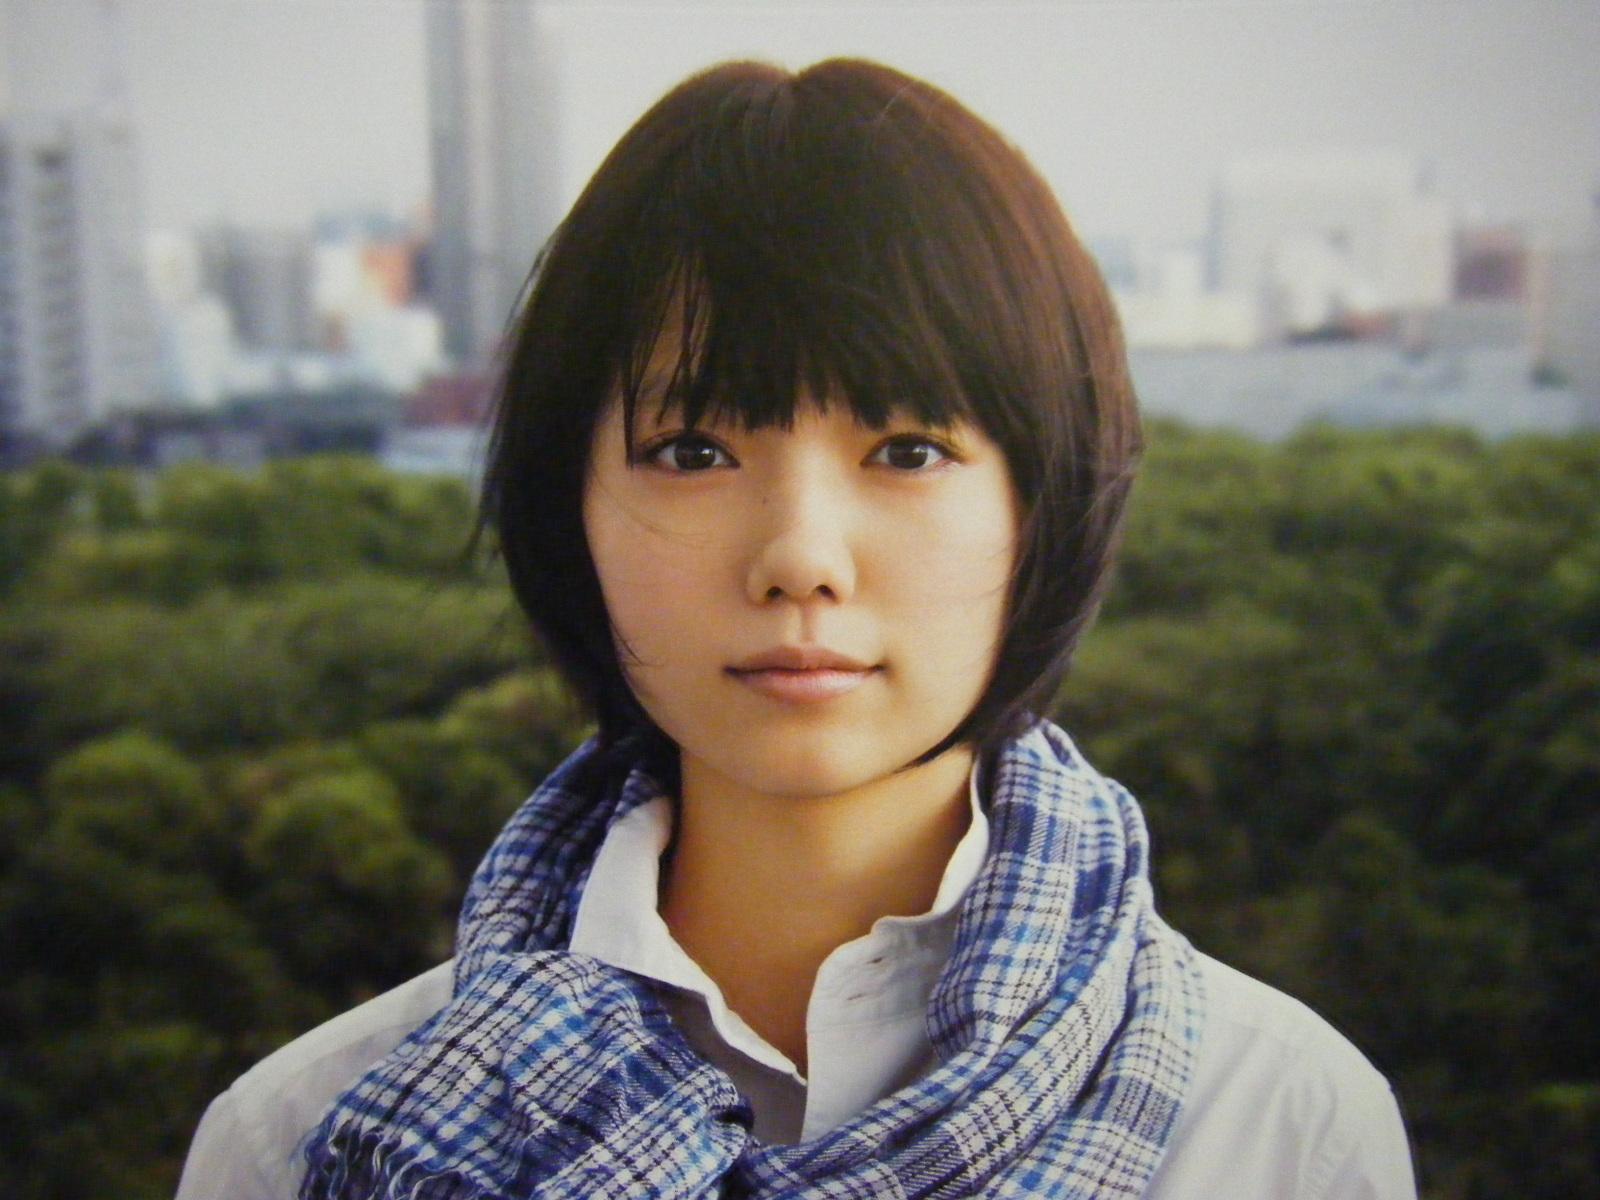 第8名 宮崎葵(1985.11.30)ㅣ演員  代表作:電影NANA<2005>、電視劇篤姬<2008>等